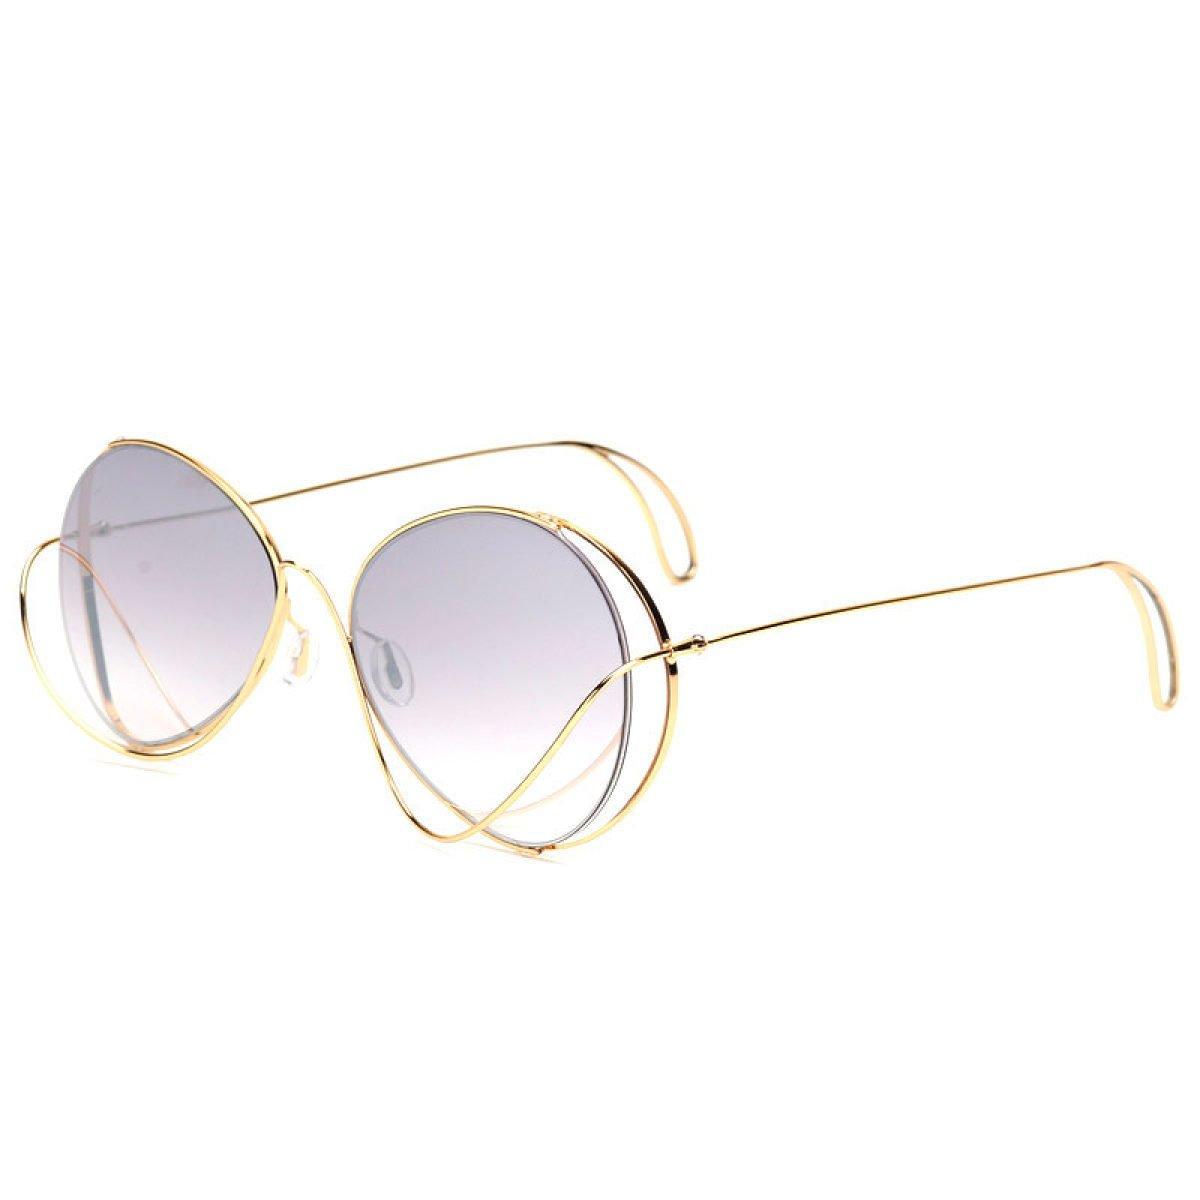 Wkaijc Polarisiert Mode Große Kiste Mode Individualität Komfort Freizeit Sonnenbrillen Sonnenbrillen,A